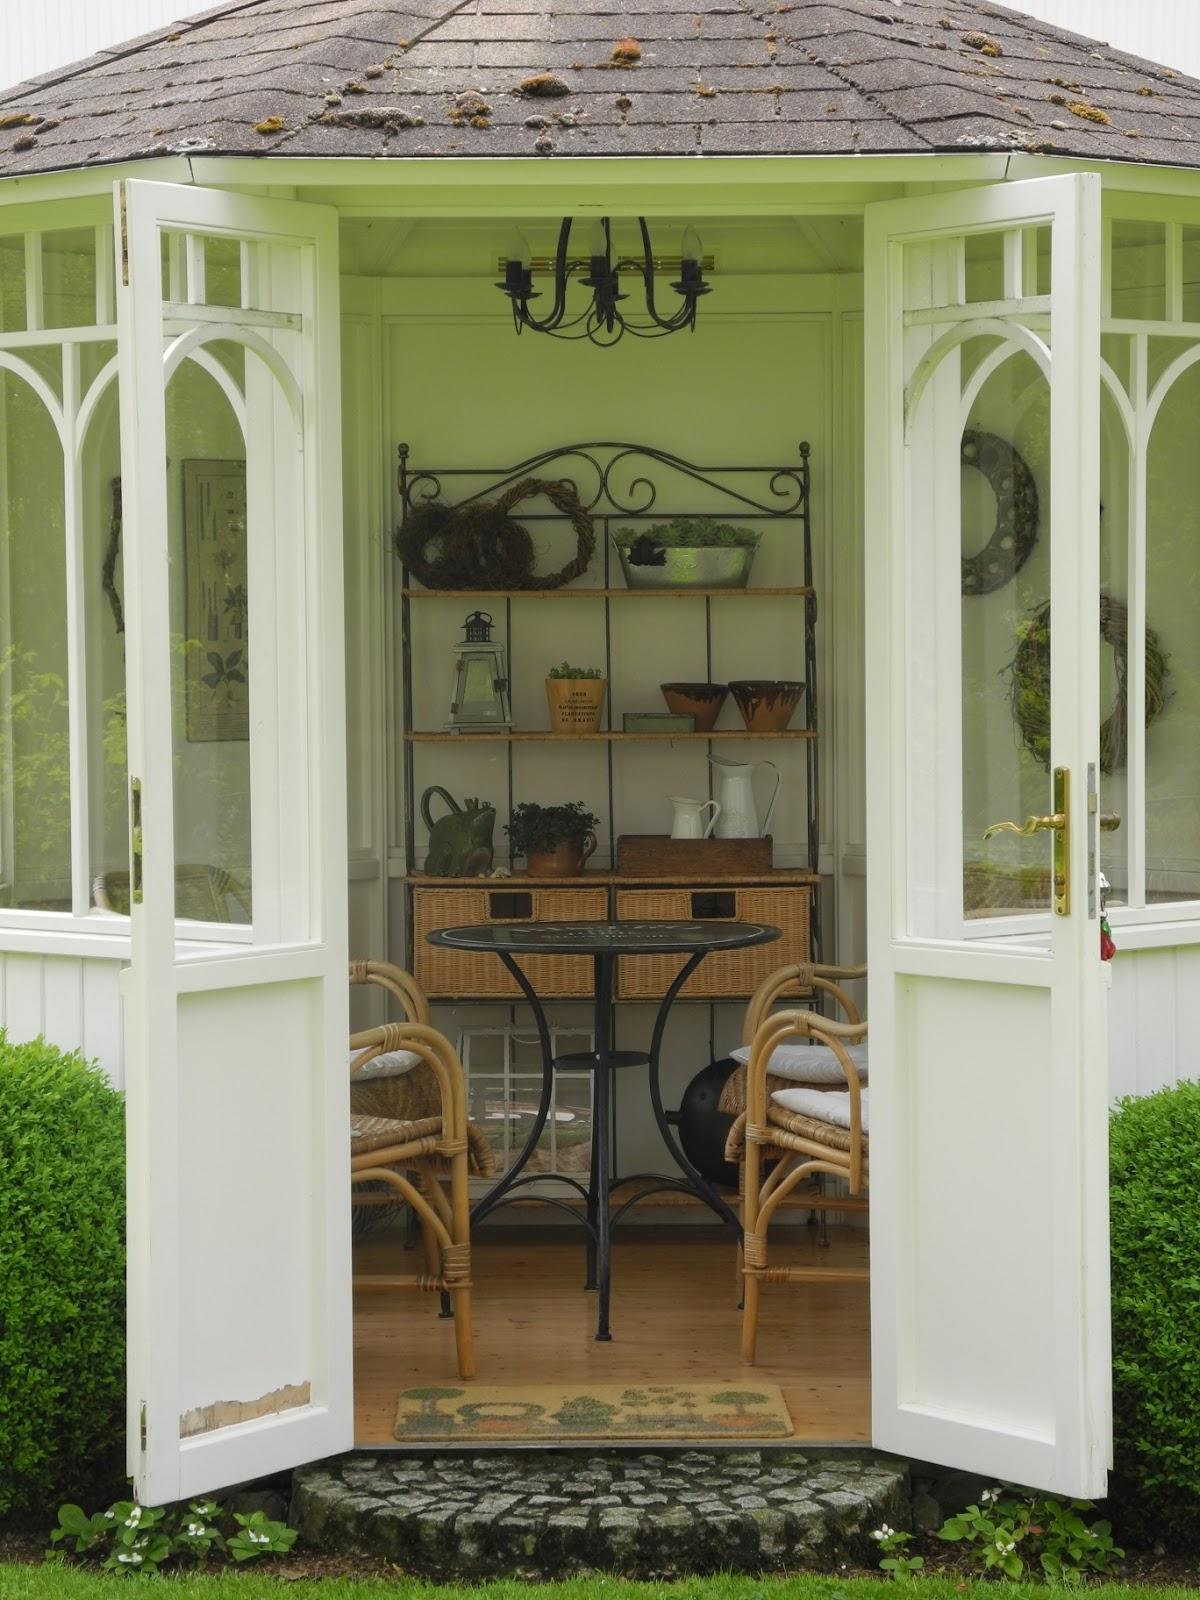 good kuhle startseite dekoration schone gartenhauser #8: Schmiedegarten